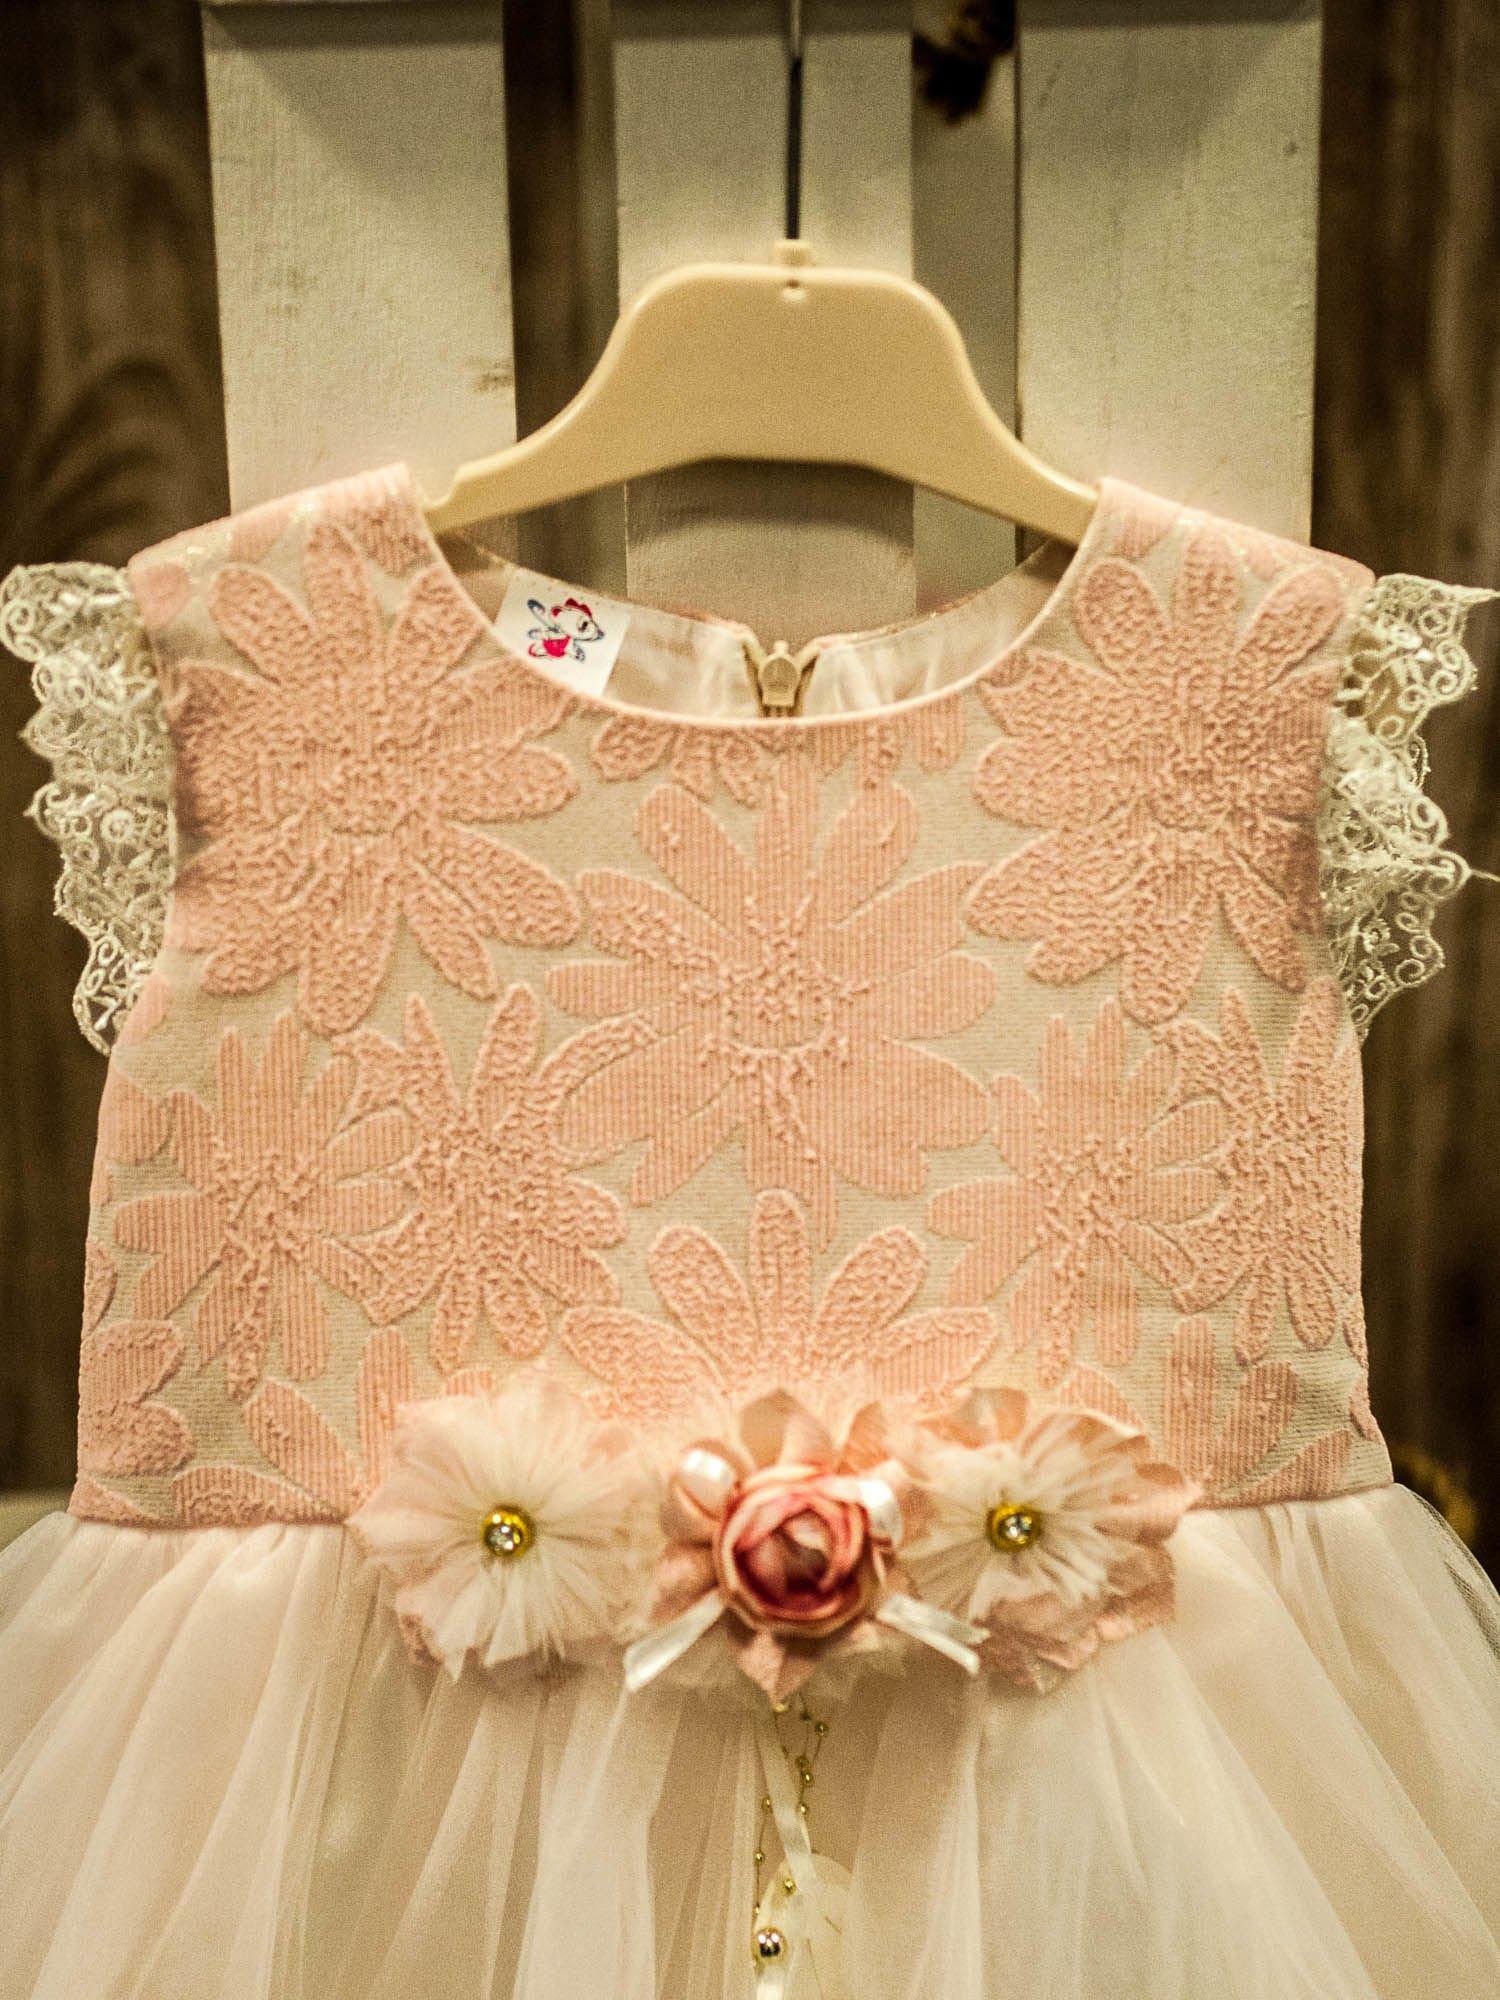 15aa43ec9b Elegancka sukienka dla dziewczynki z ozdobną broszką ecru - różowa -  Dziecko Dziewczynka - sklep eButik.pl